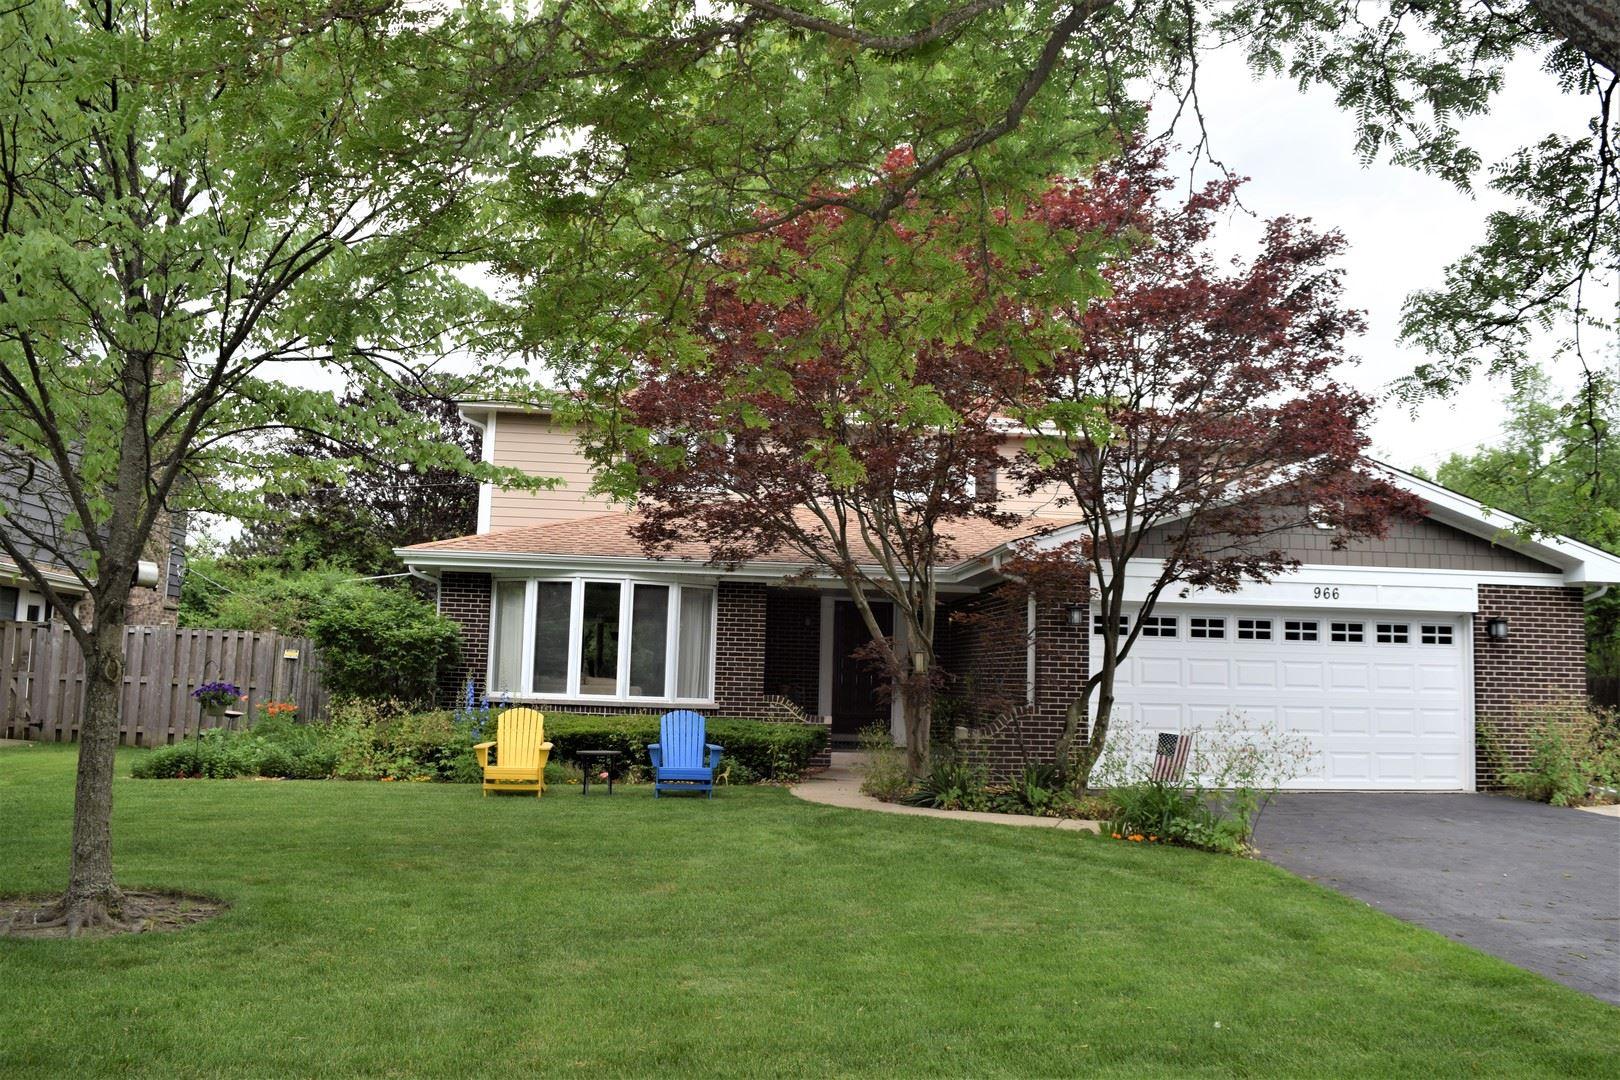 966 Prairie Lawn Road, Glenview, IL 60025 - #: 10747127